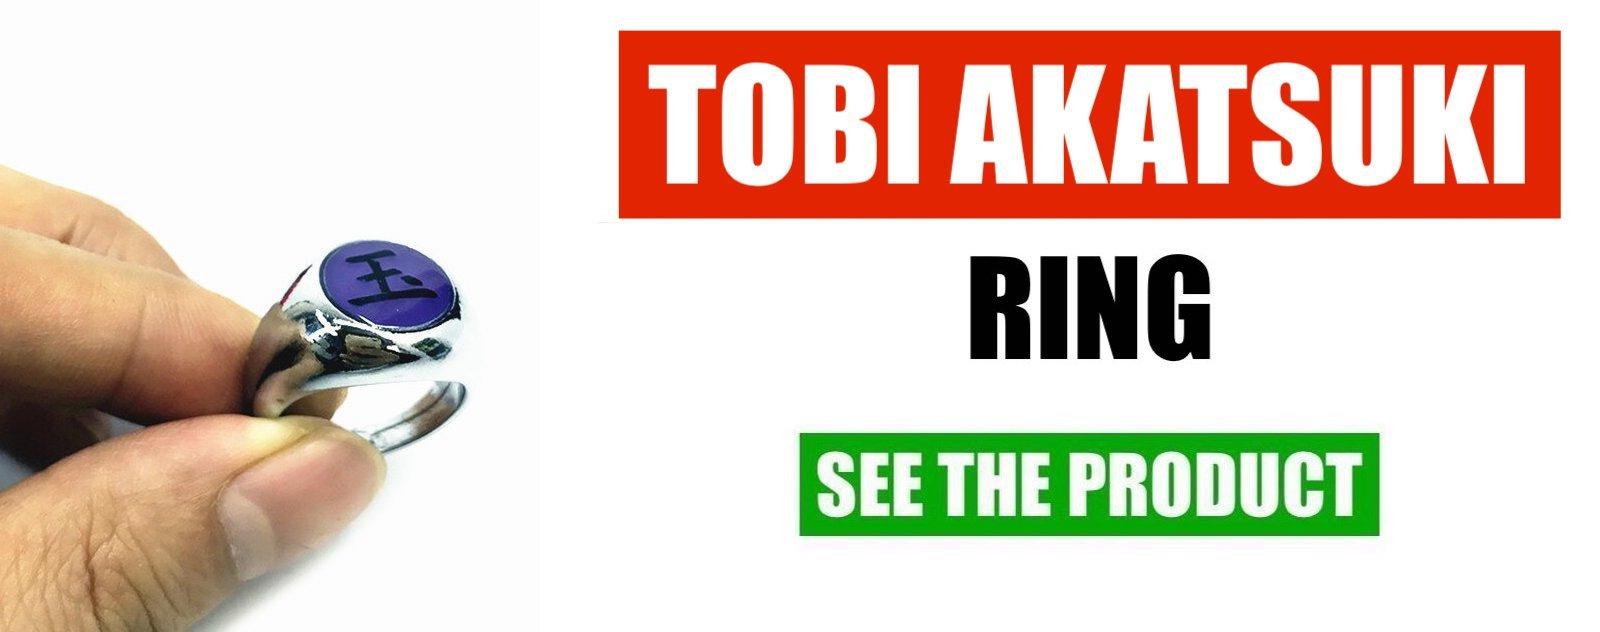 TOBI AKATSUKI RING